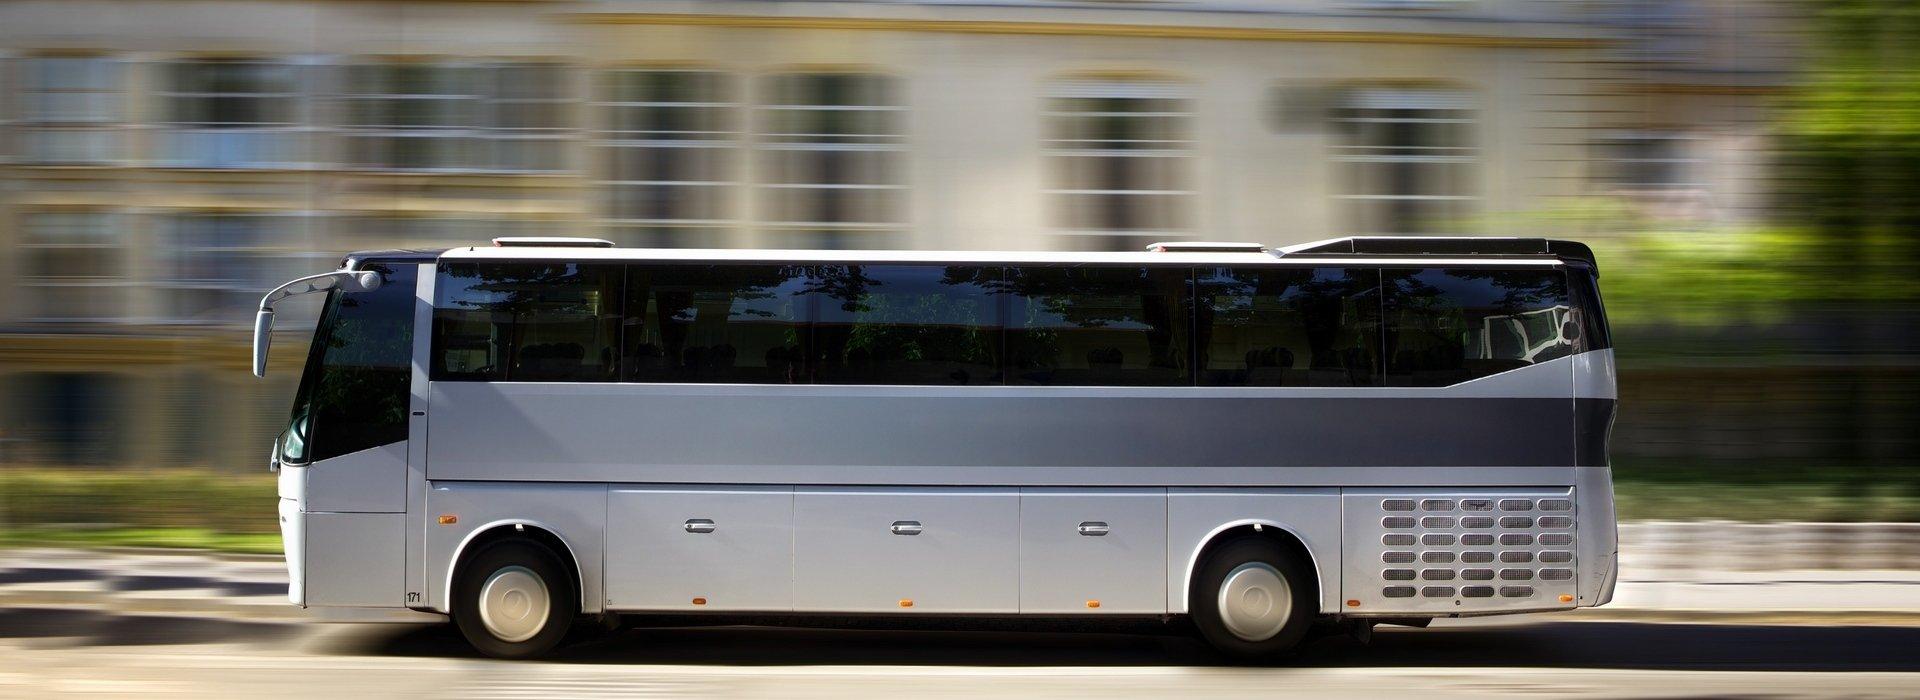 Budapest Buszbérlés – Buszkölcsönzés Budapesten